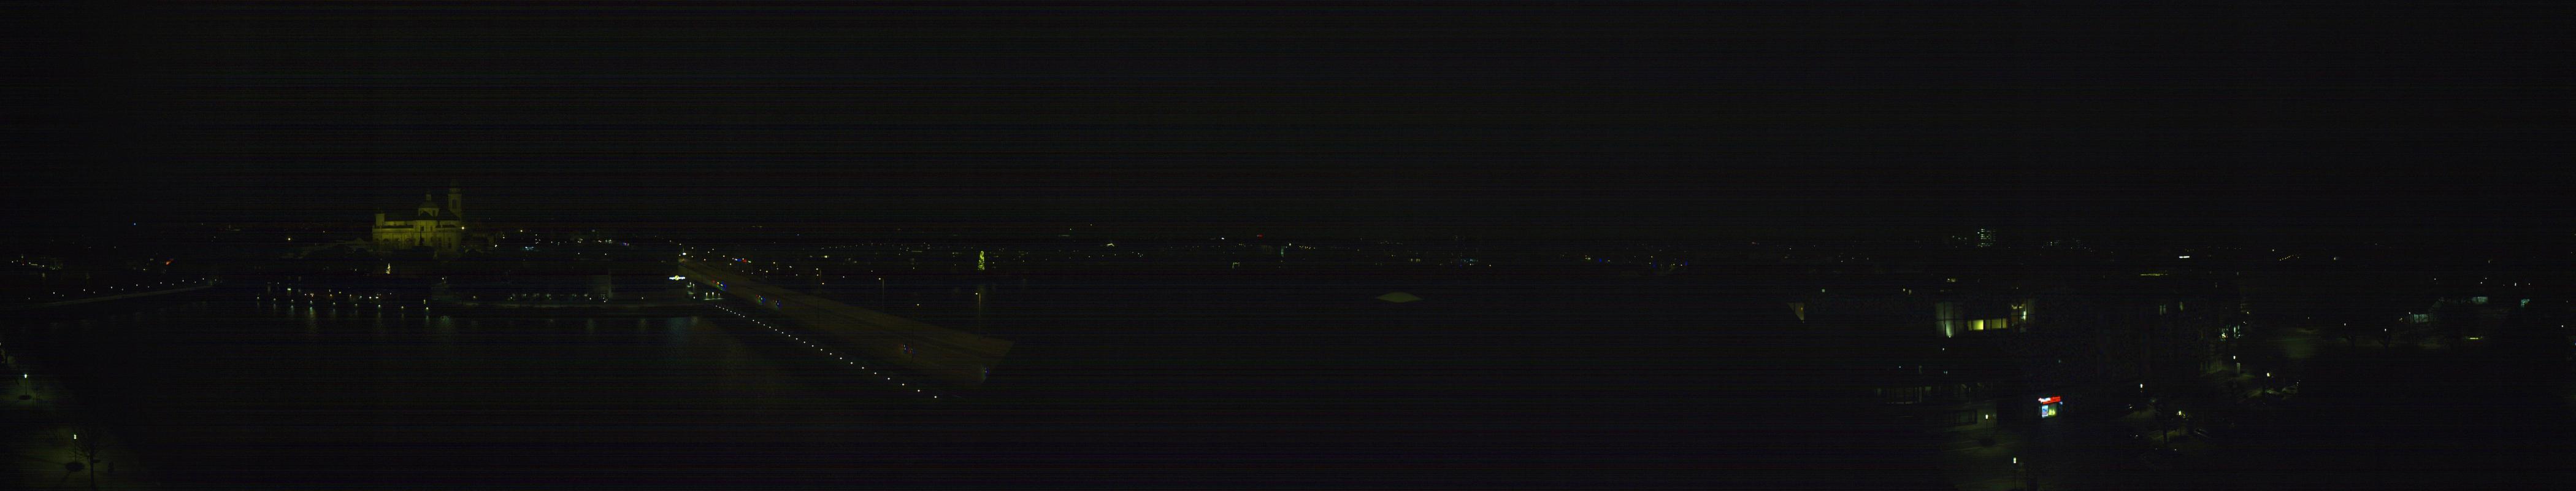 19h ago - 22:00